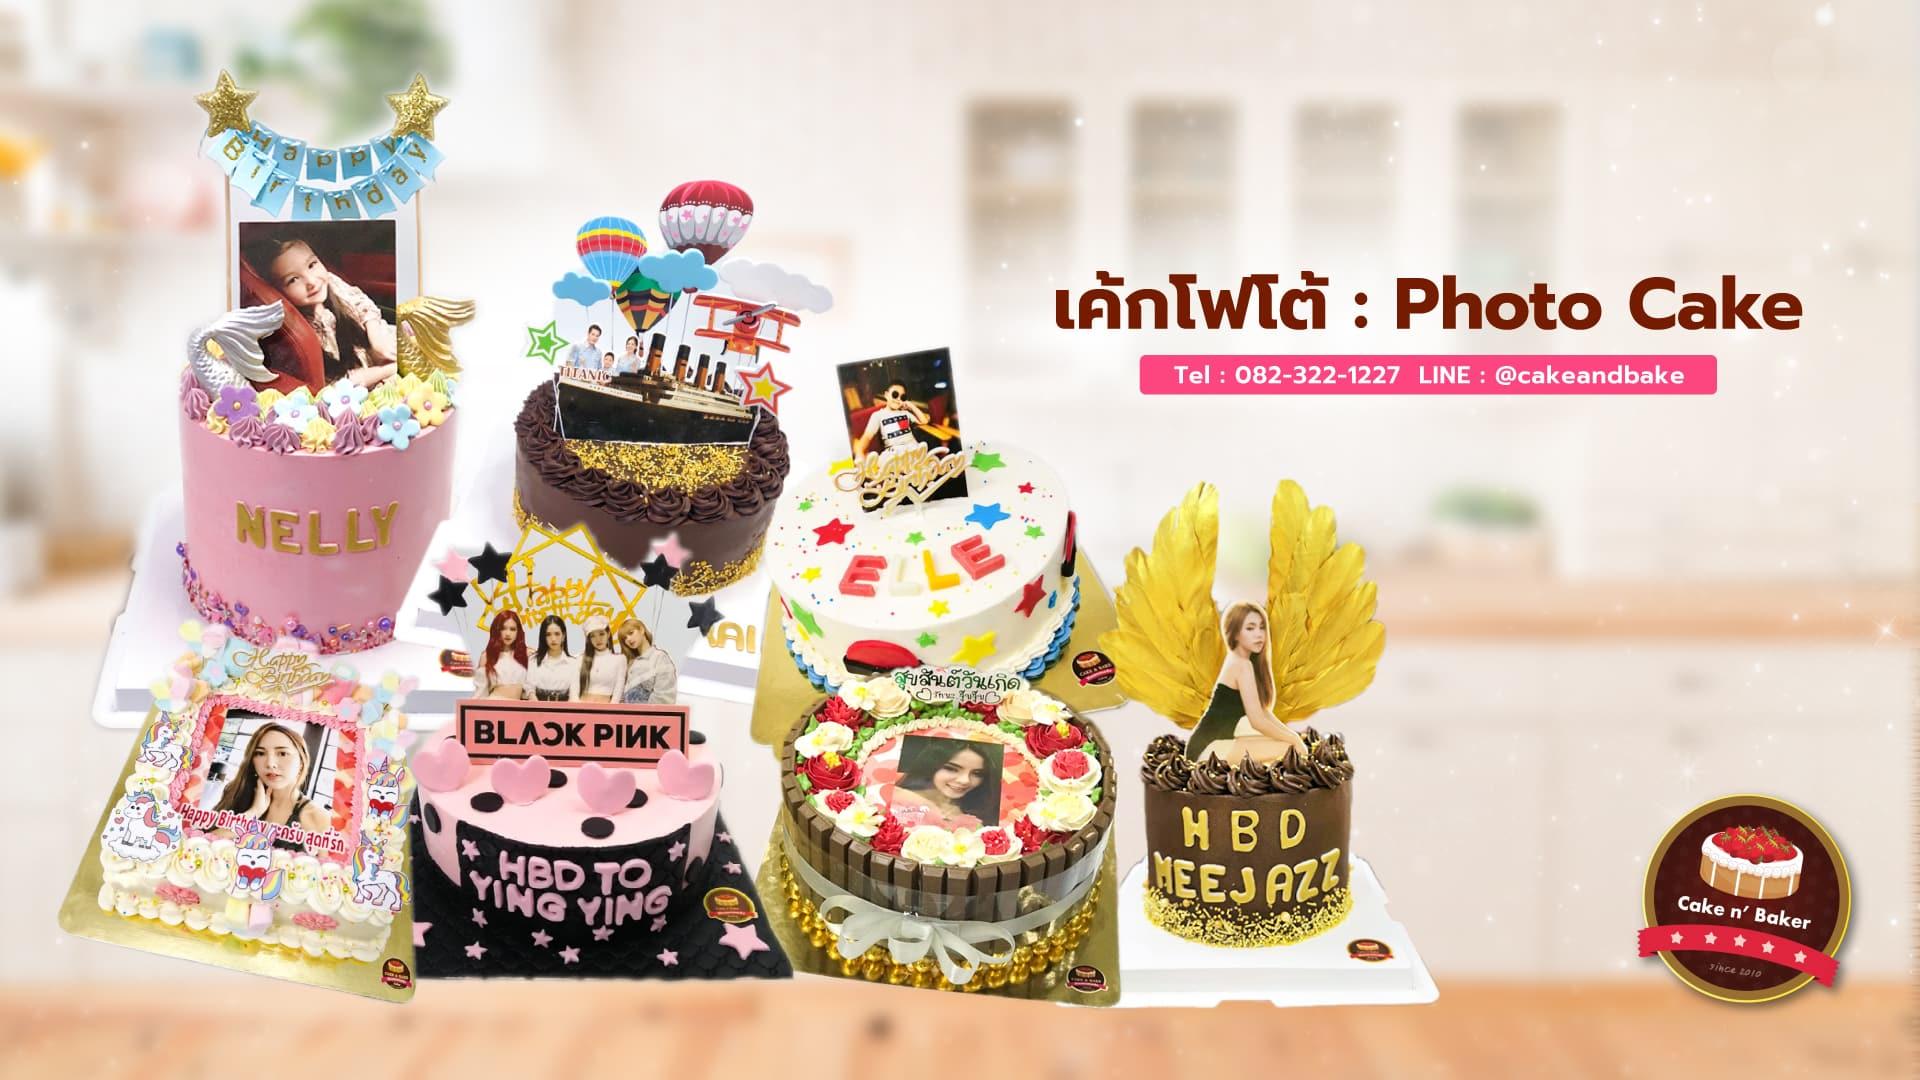 AW cake n bake Banner photocake 2 2